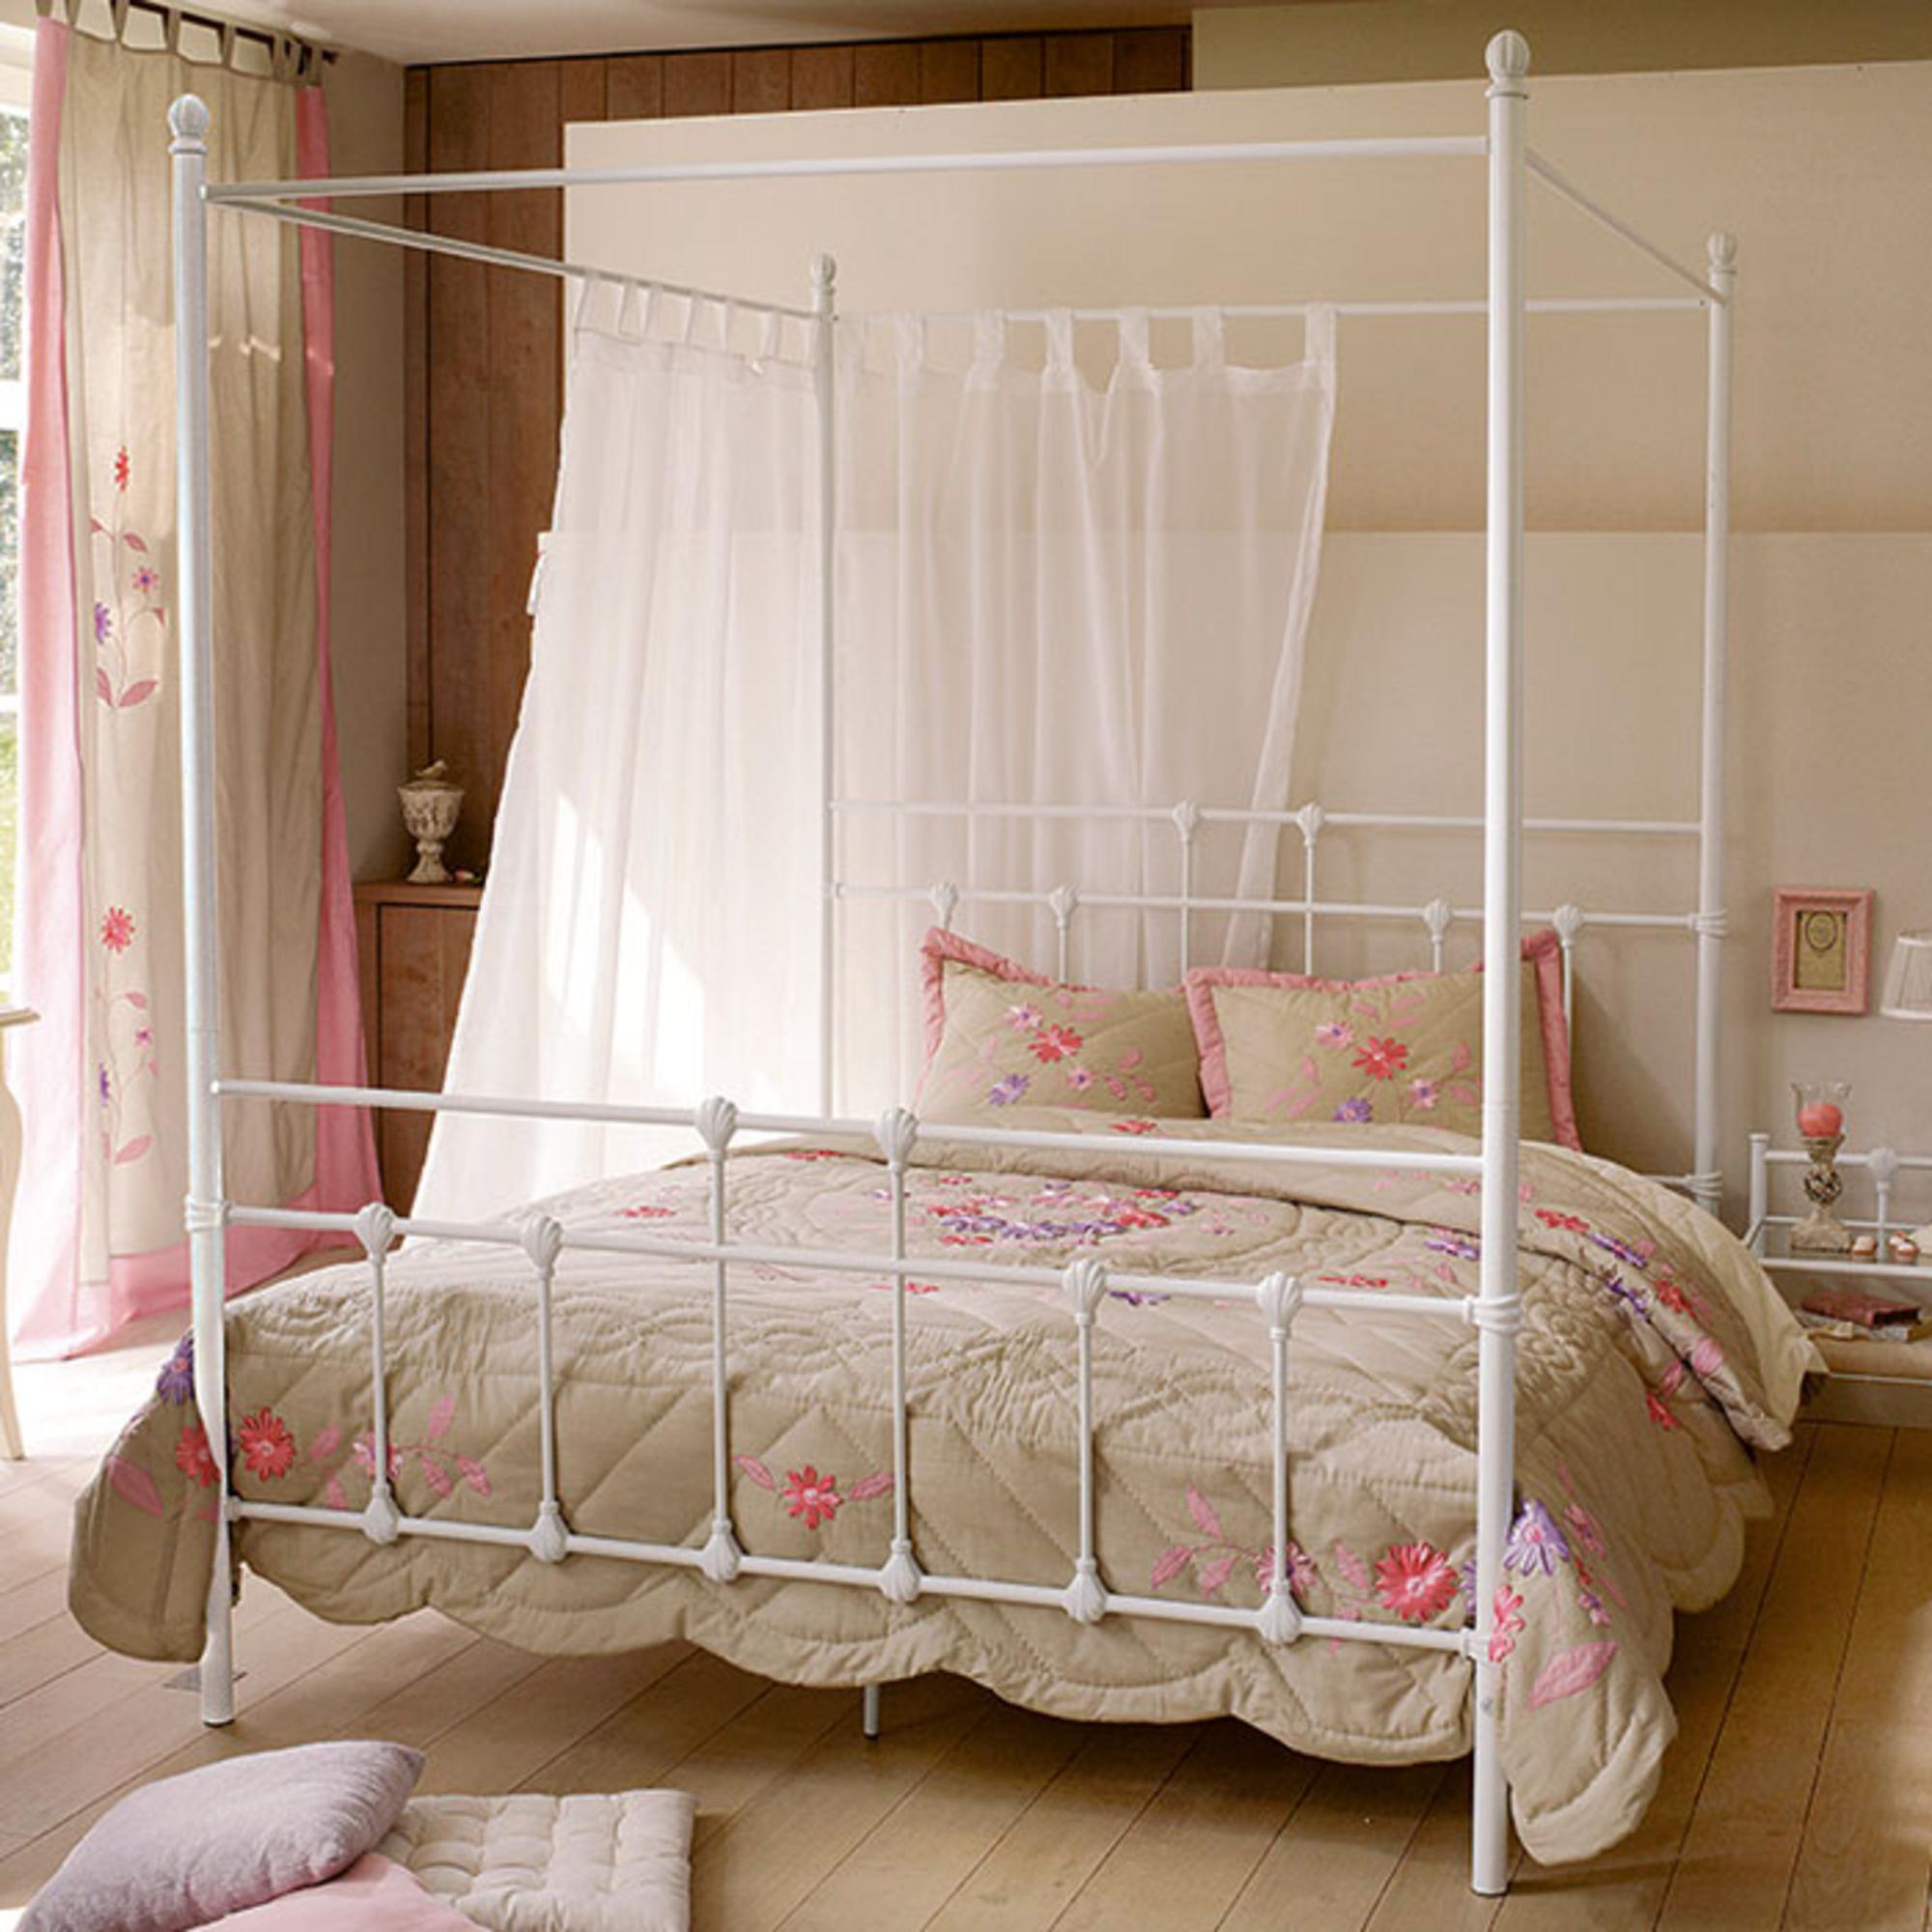 lit baldaquin blanc. Black Bedroom Furniture Sets. Home Design Ideas